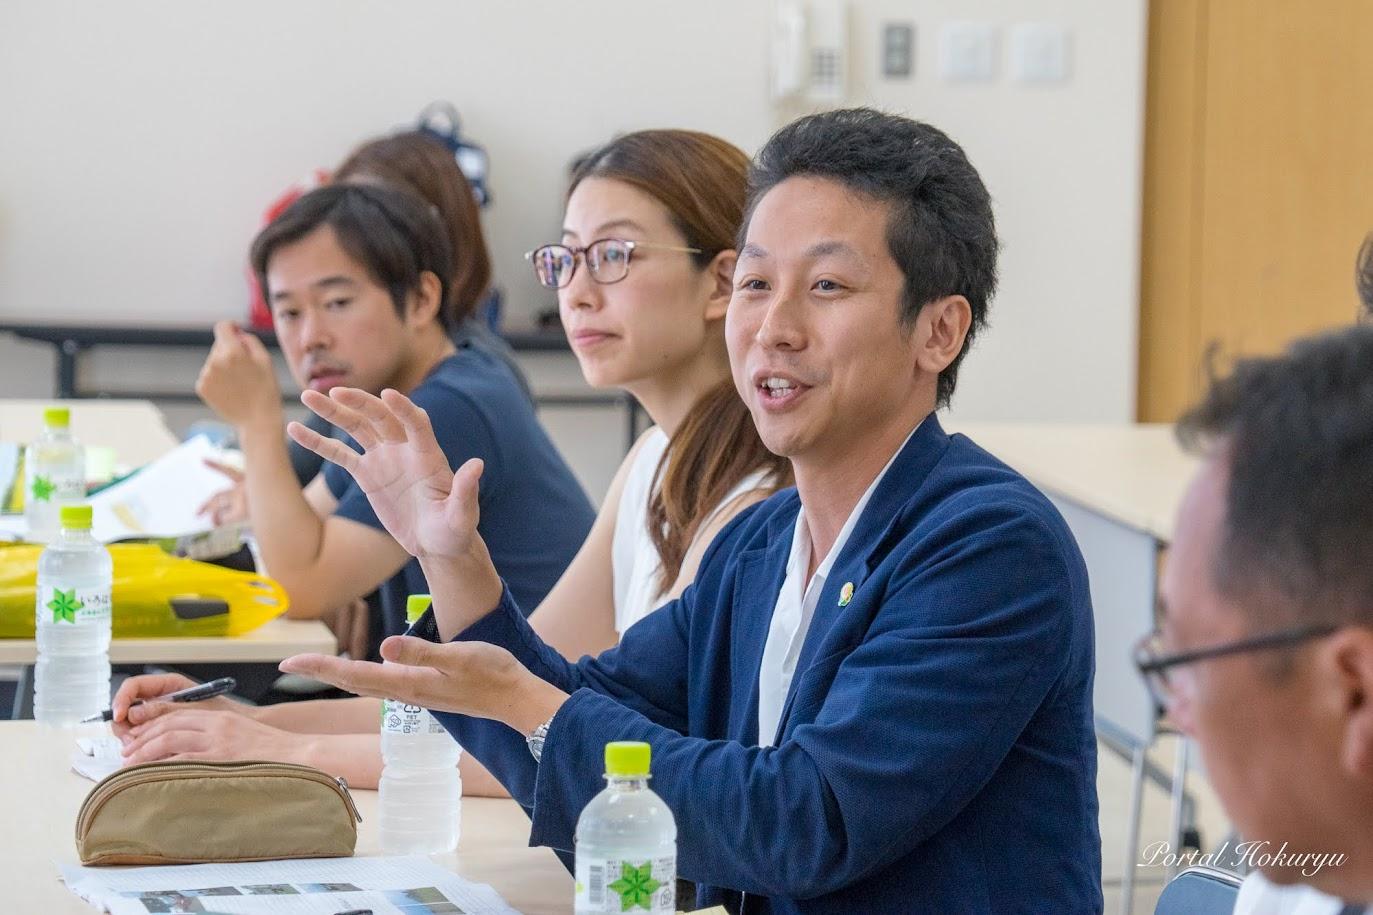 公認会計士・石川直也 氏(東日本大震災事業者再生支援機構)